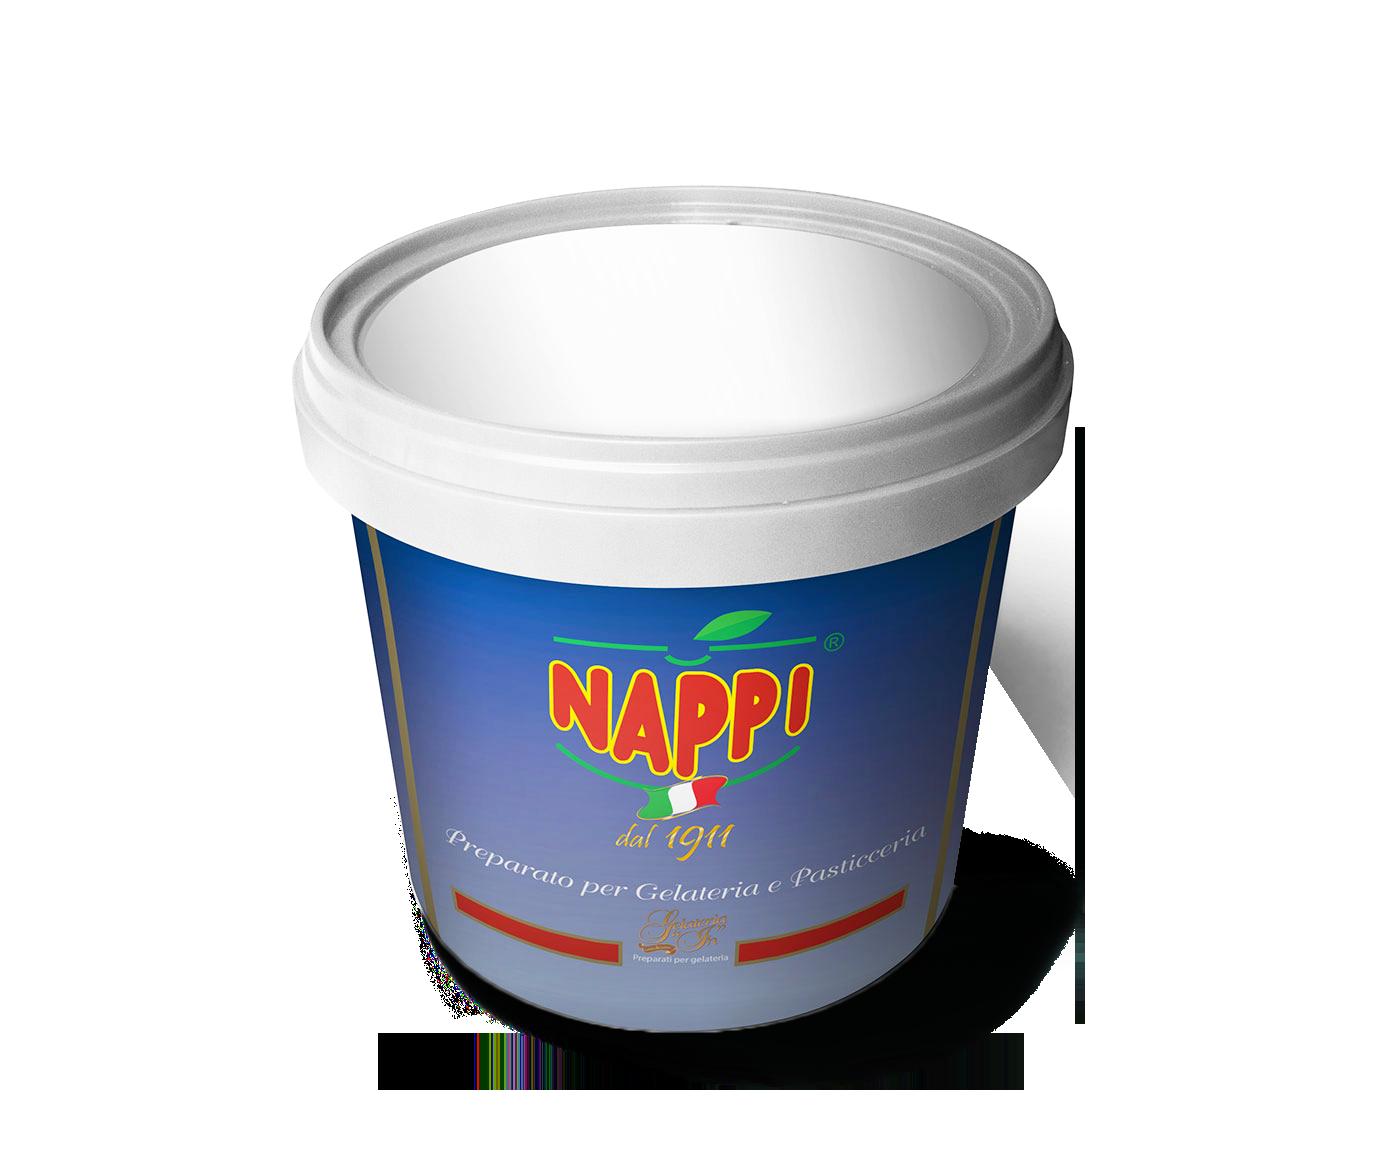 Nappi Pistachio Puro